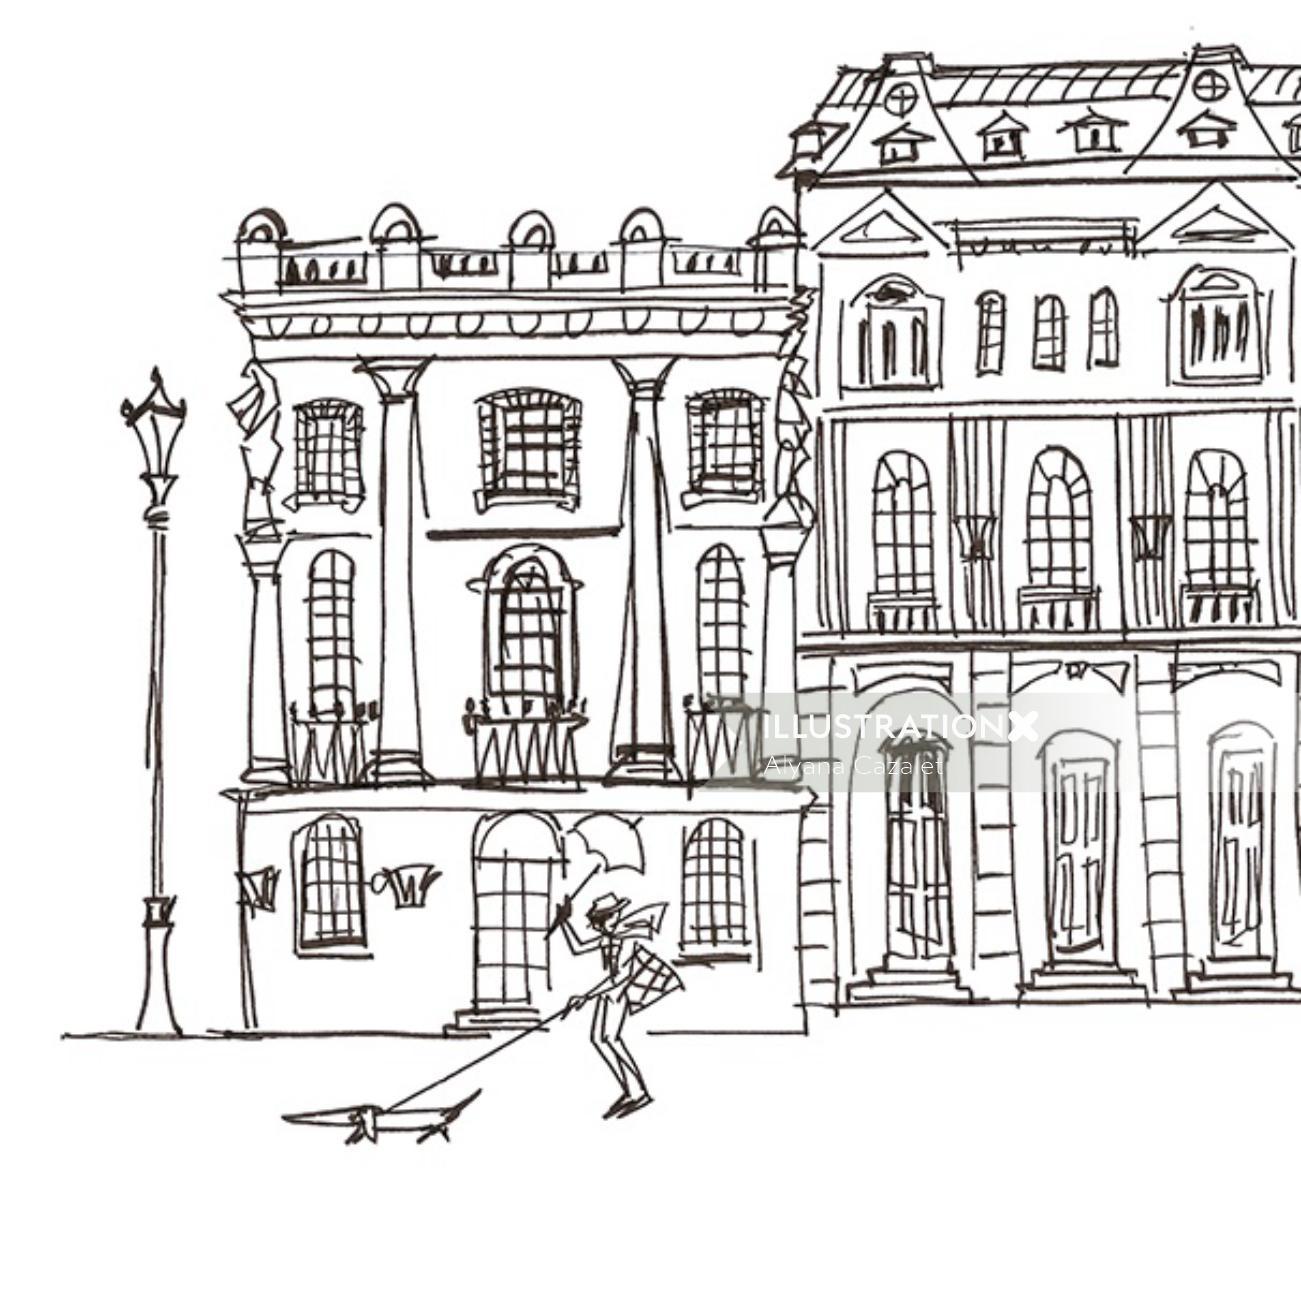 London illustration by Alyana Cazalet